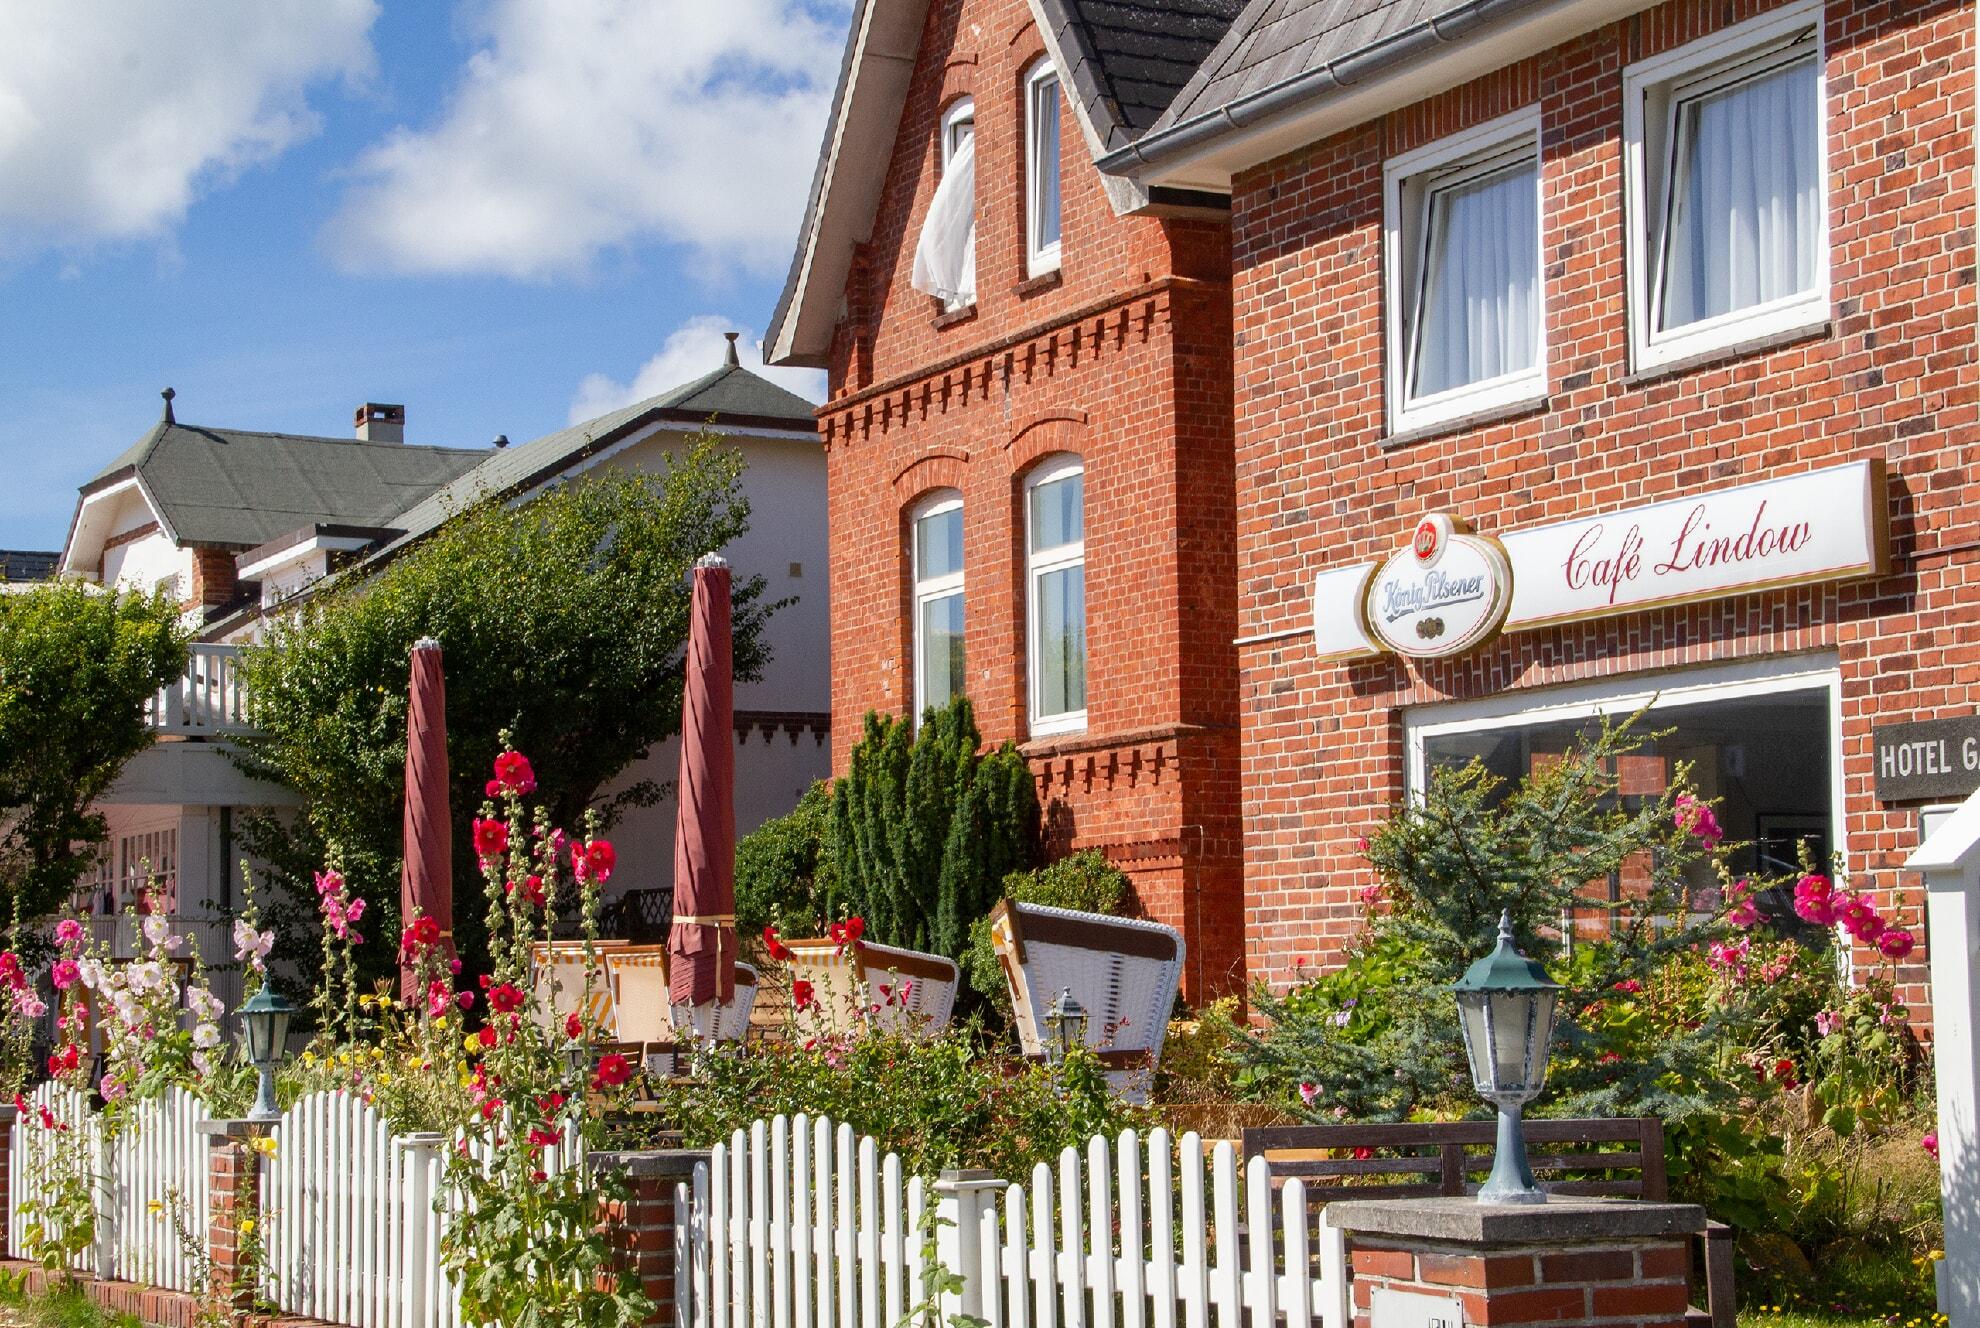 Hotel & Café Lindow